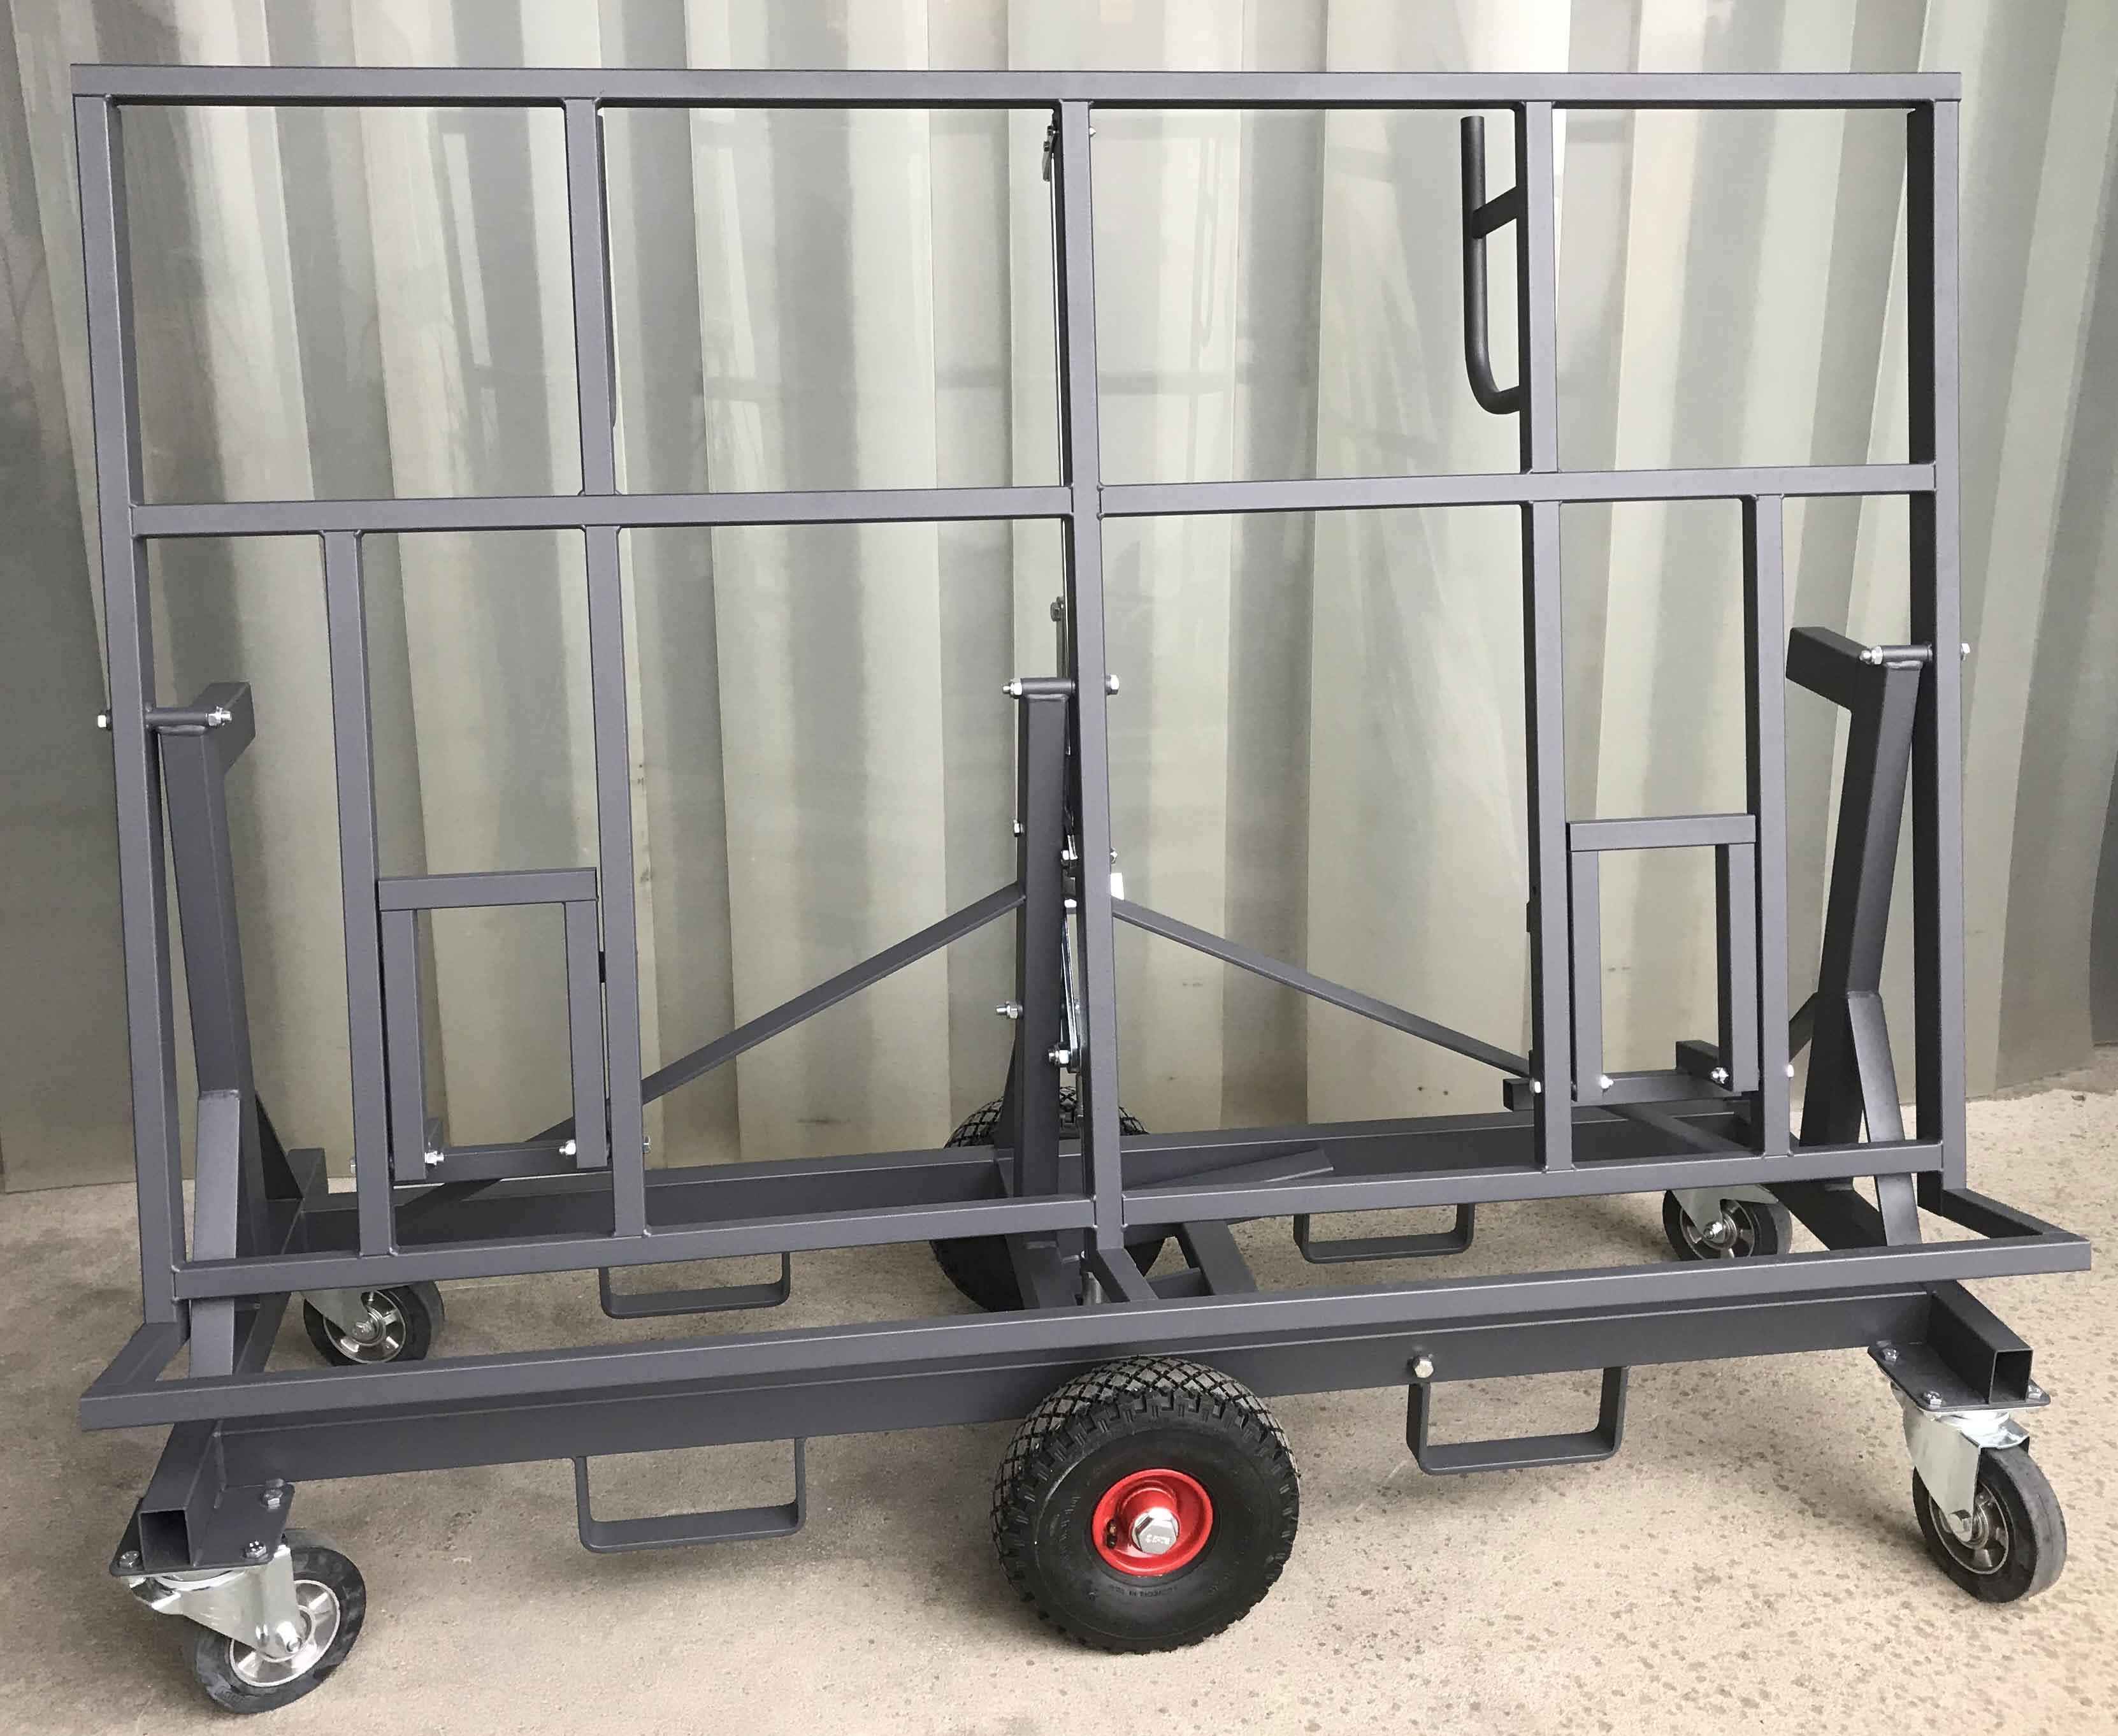 Plattenwagen mit neigbarer Ladefläche, Traglast 500 kg, Arbeitshöhe 900 mm, RAL 7016 anthrazitgrau pulverbeschichtet (statt blau) #7374